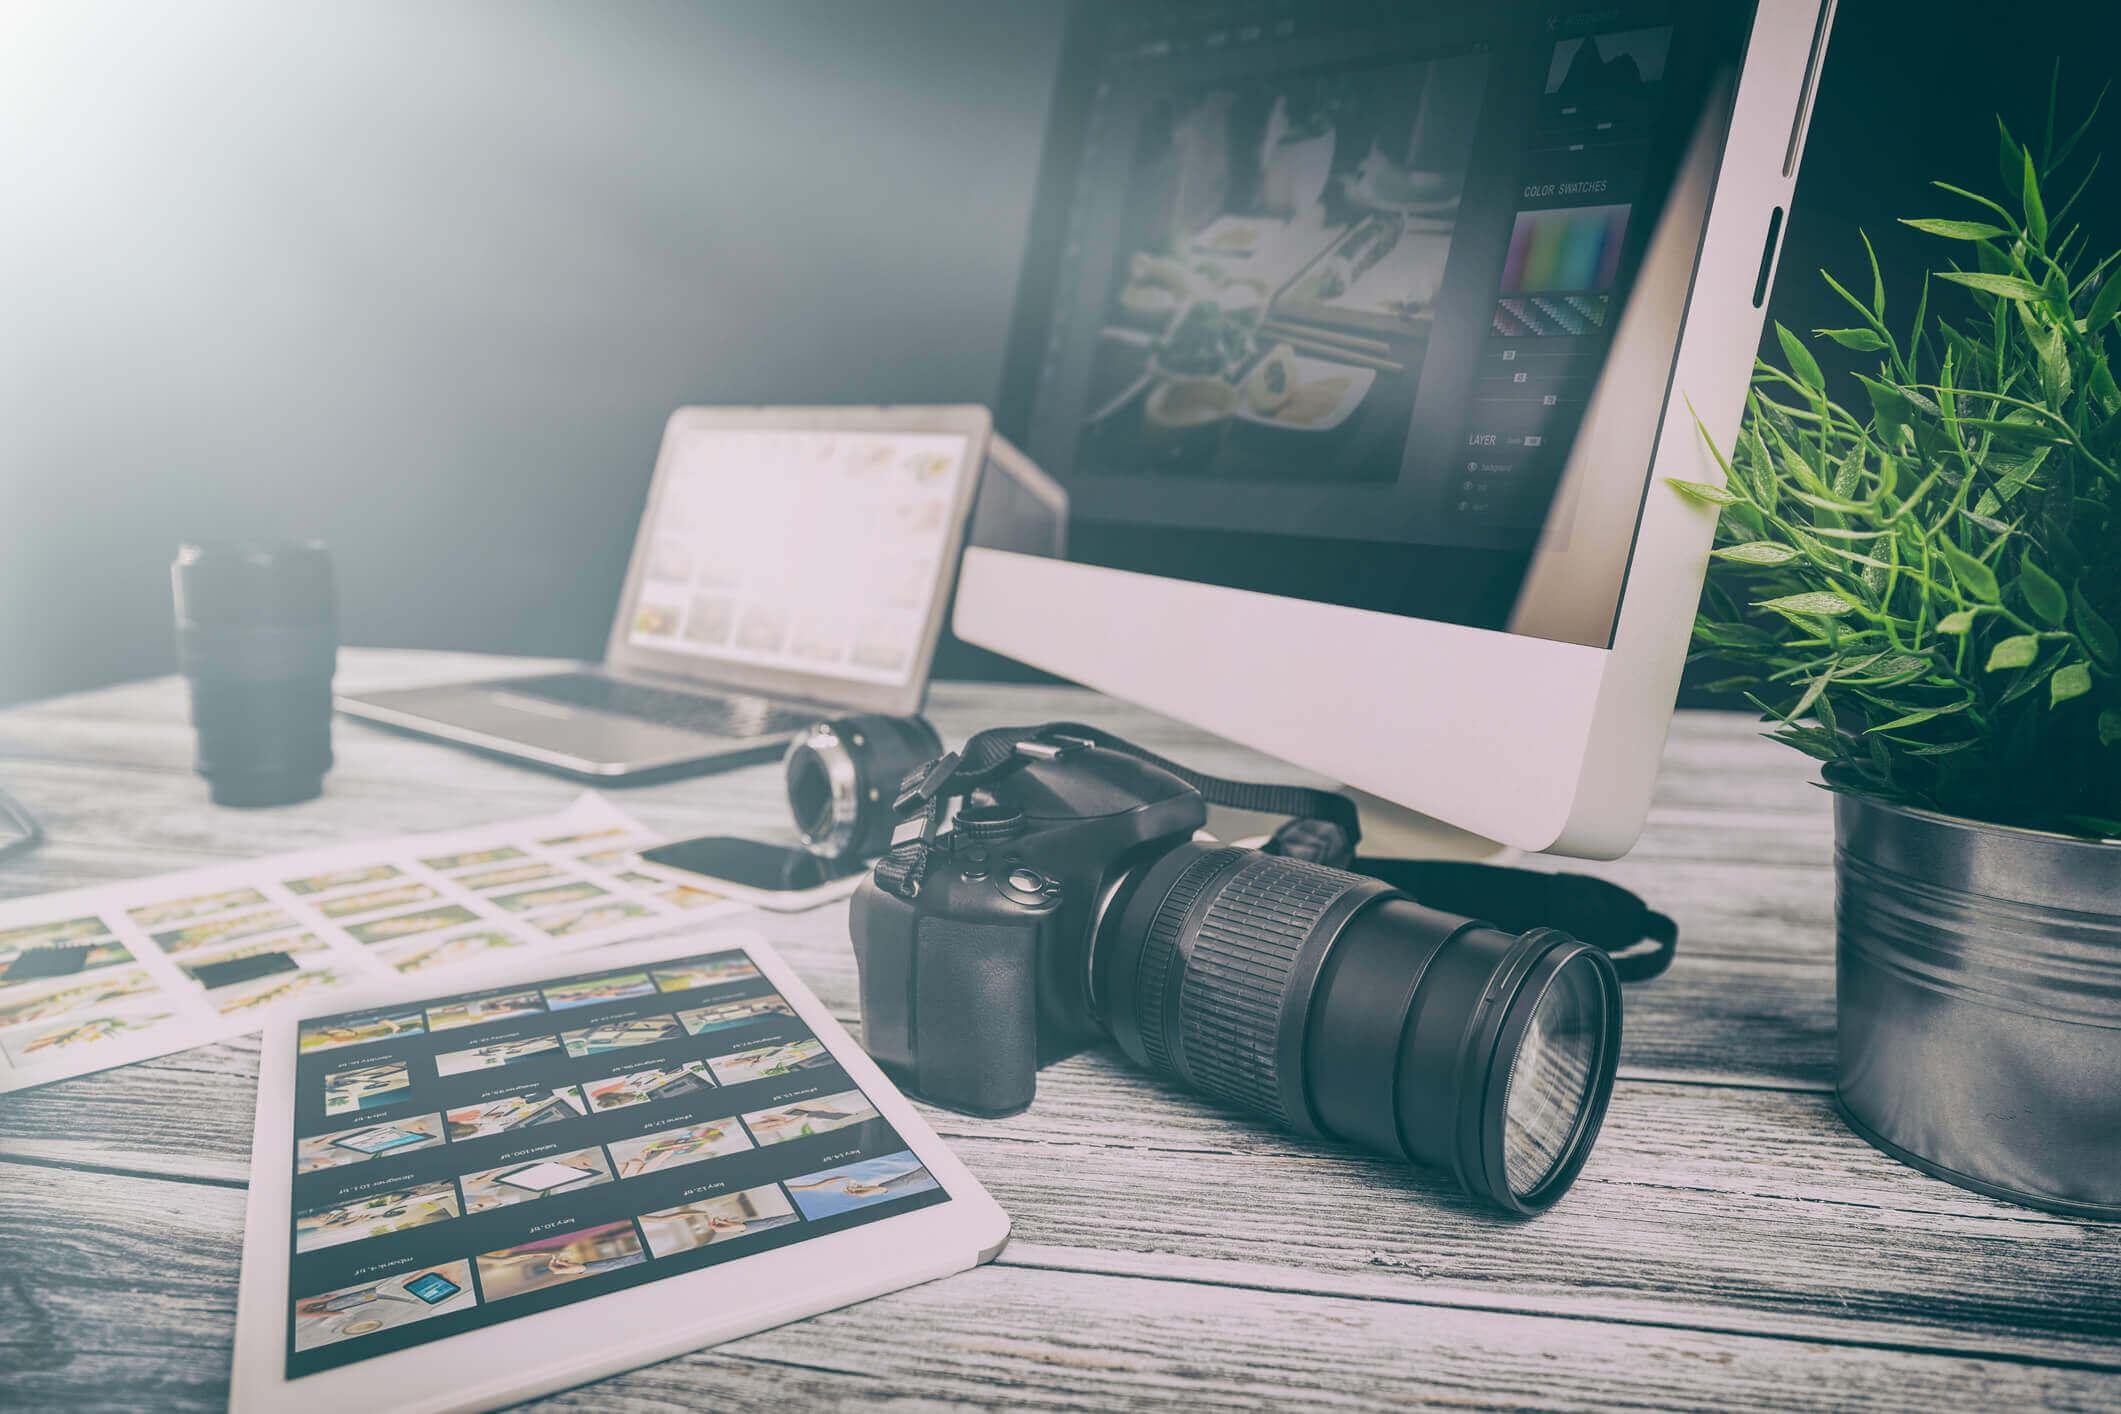 design portfolio top tips